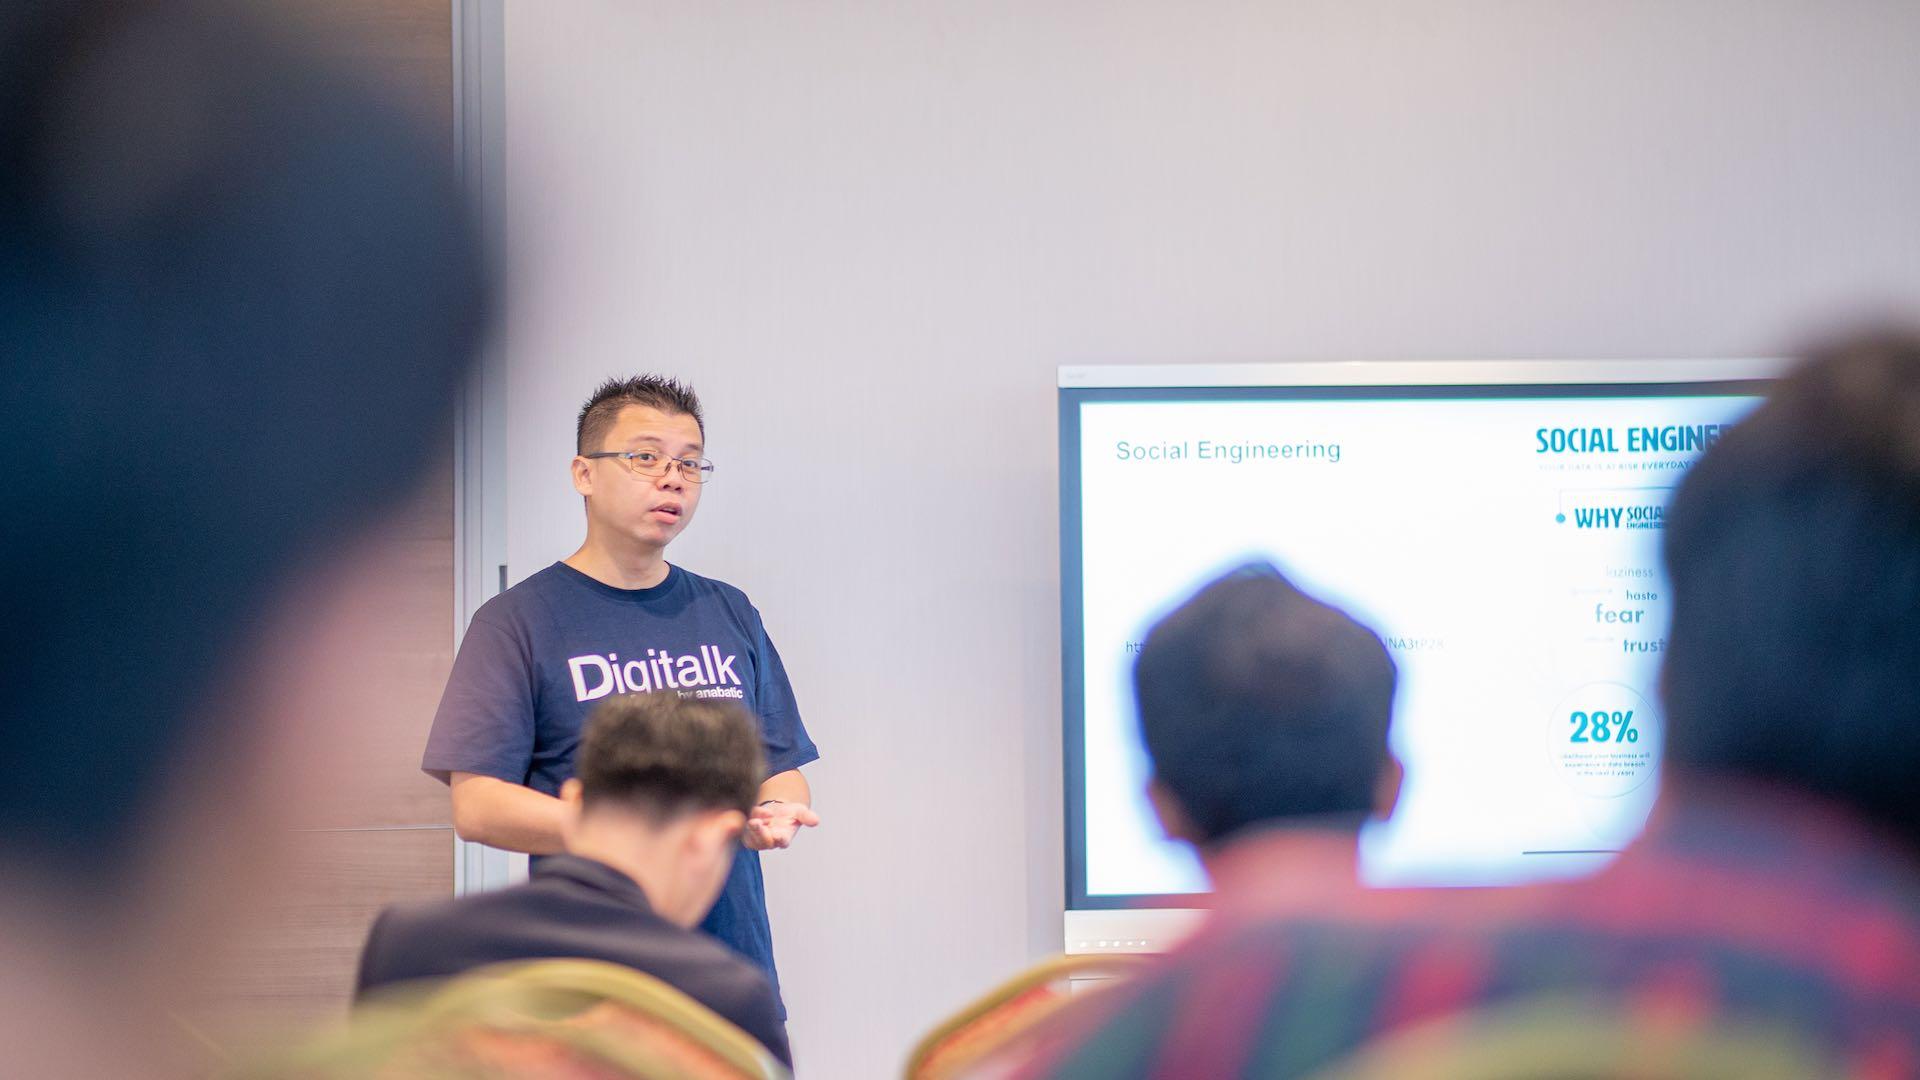 ethical hacking - Digitalk - Anabatic Digital Raya Adakan Seminar Teknologi DigiTalk Bertemakan Keamanan Siber dan Ethical Hacking